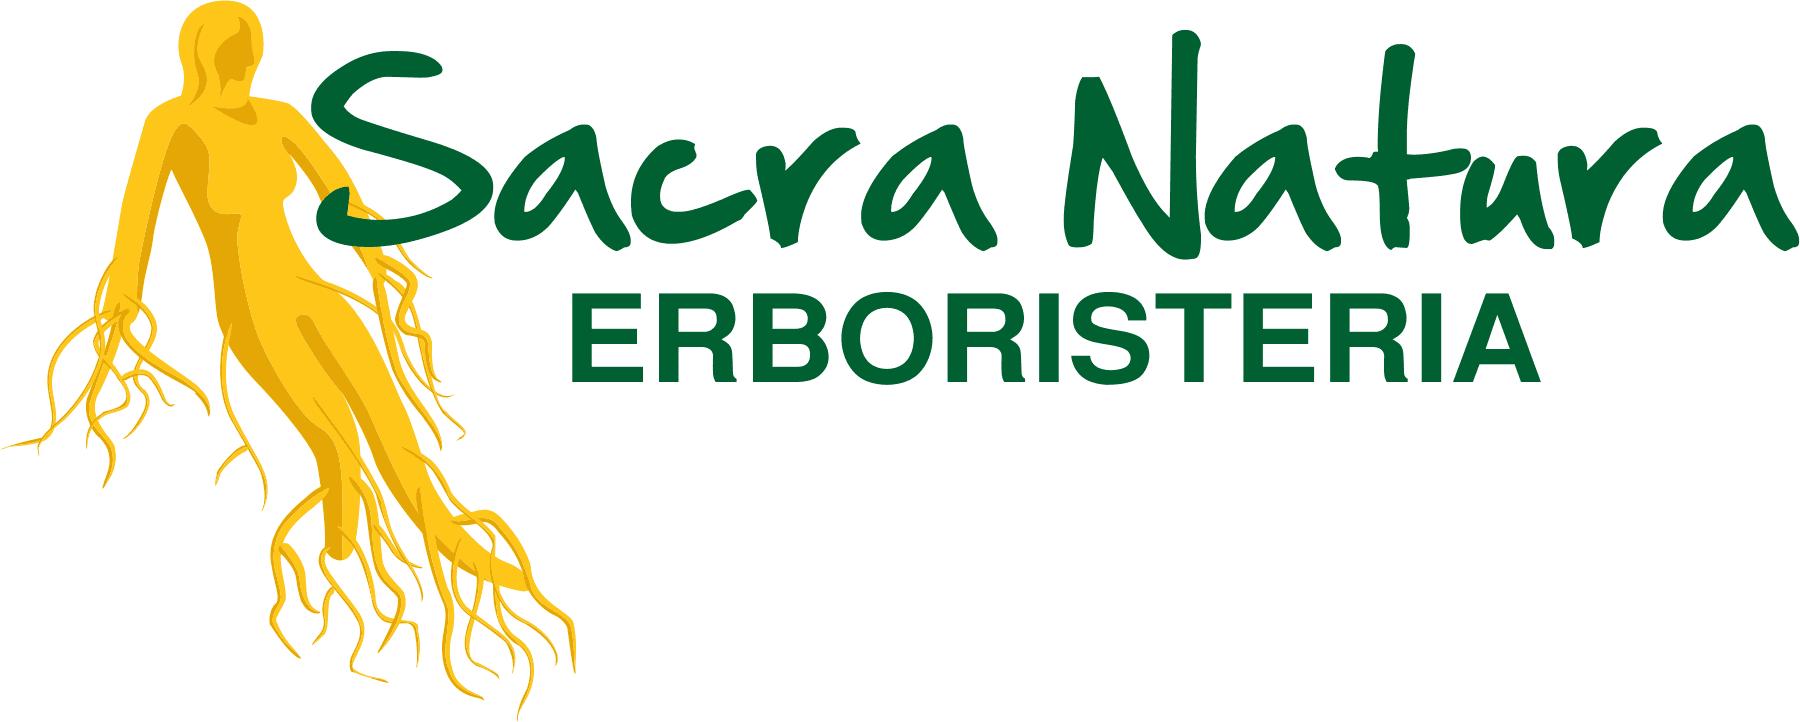 Sacra Natura ERBORISTERIA logo